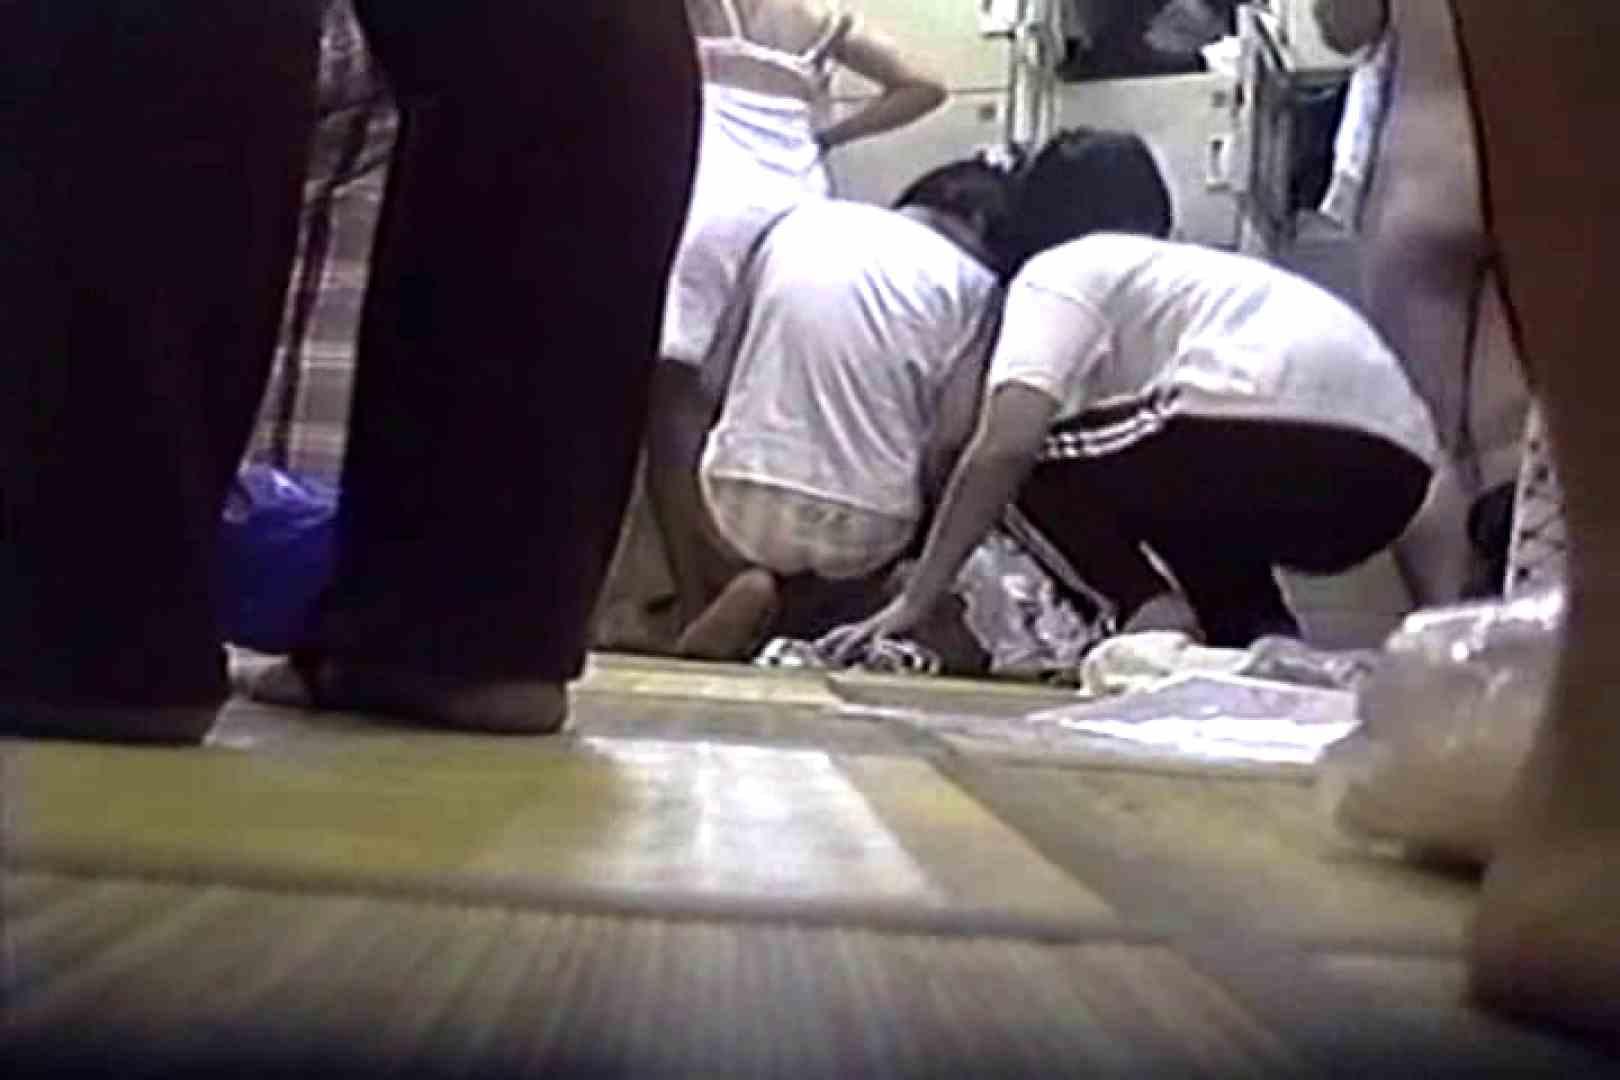 (9月21日配信停止)超・痴覚の眼 修学旅行TNK-09 着替え のぞき濡れ場動画紹介 93連発 92